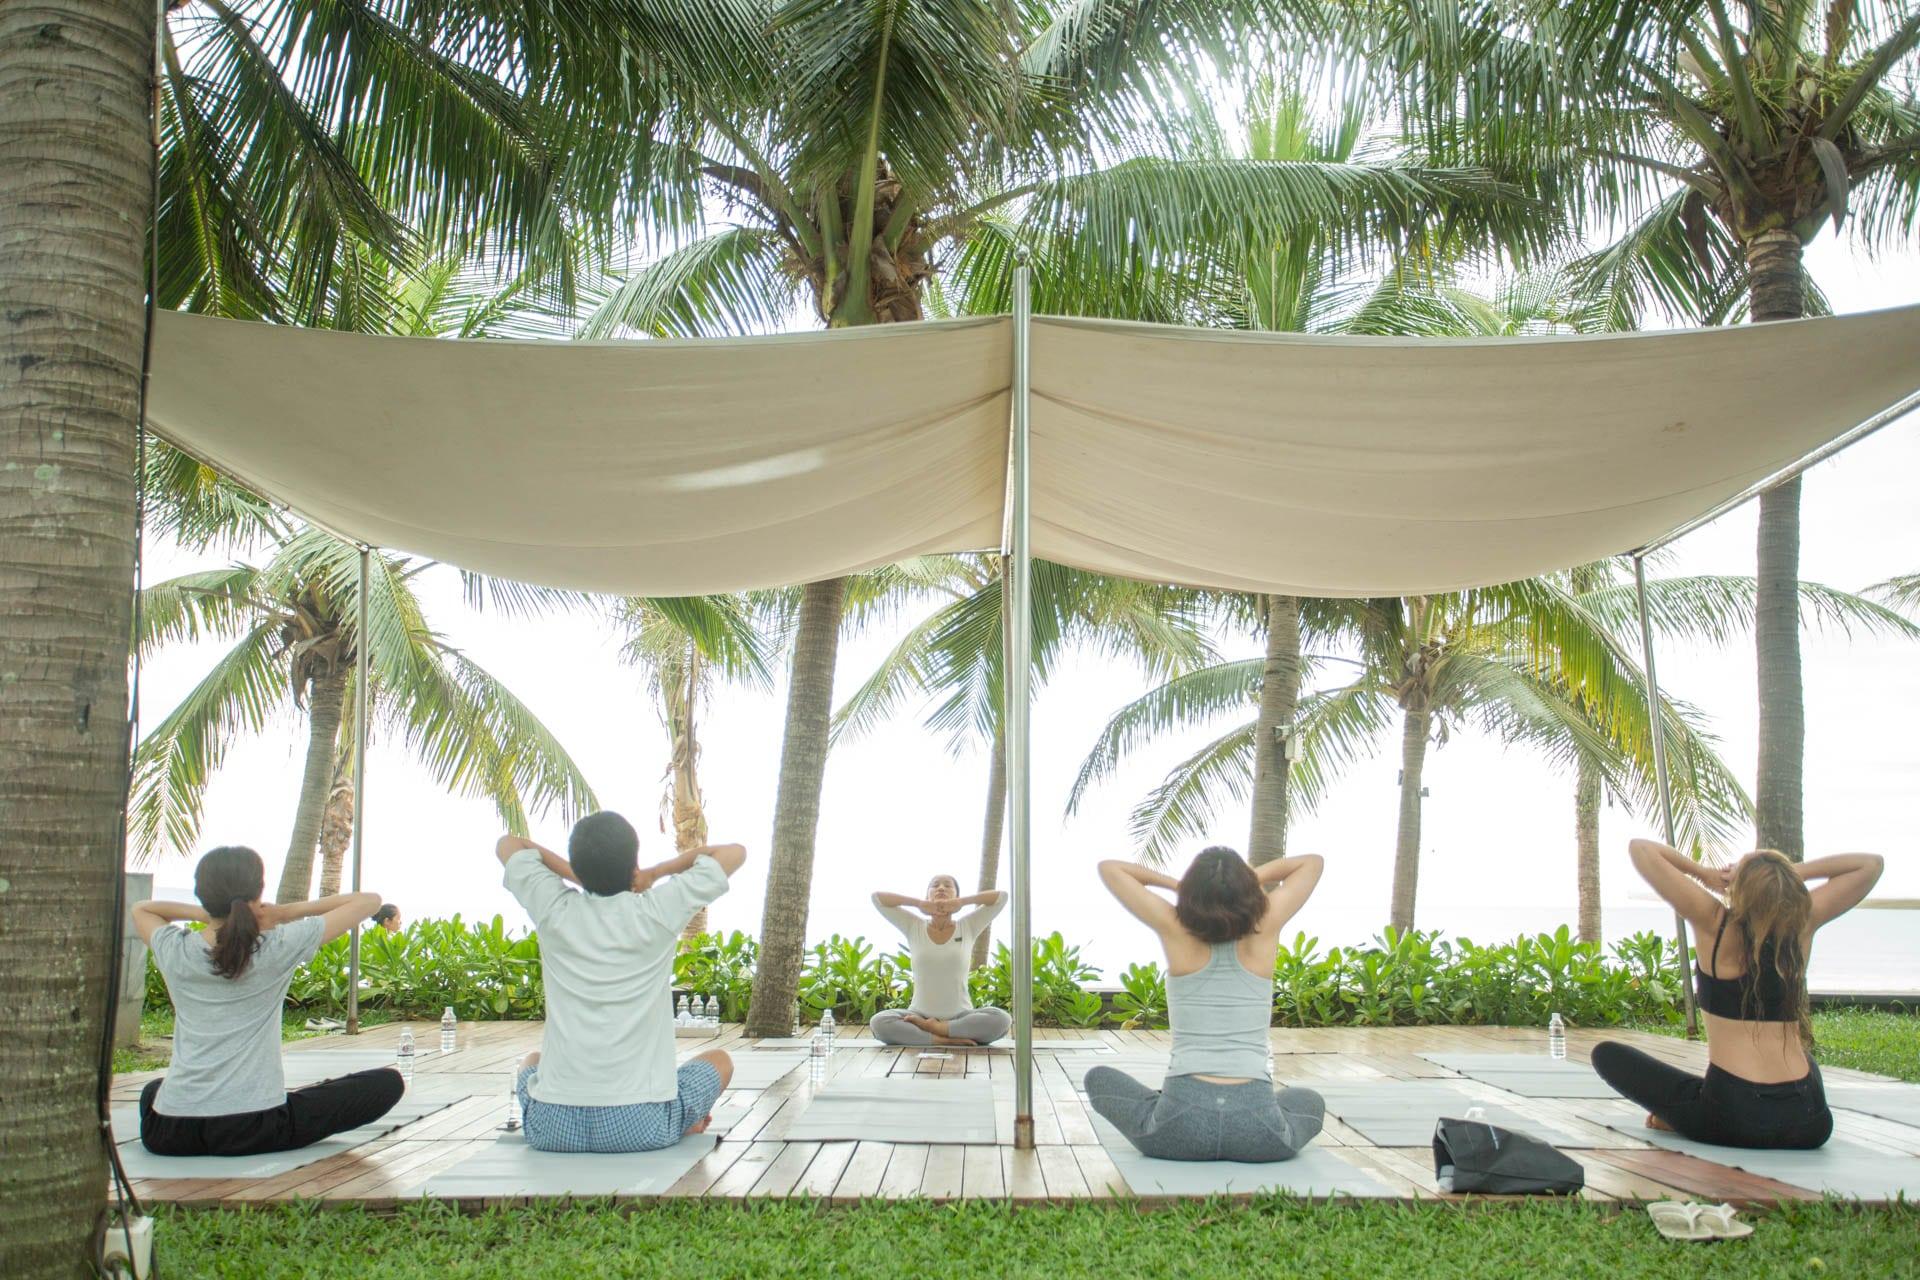 Cùng nhau tập luyện nâng cao sức khỏe tại Maia Đà Nẵng